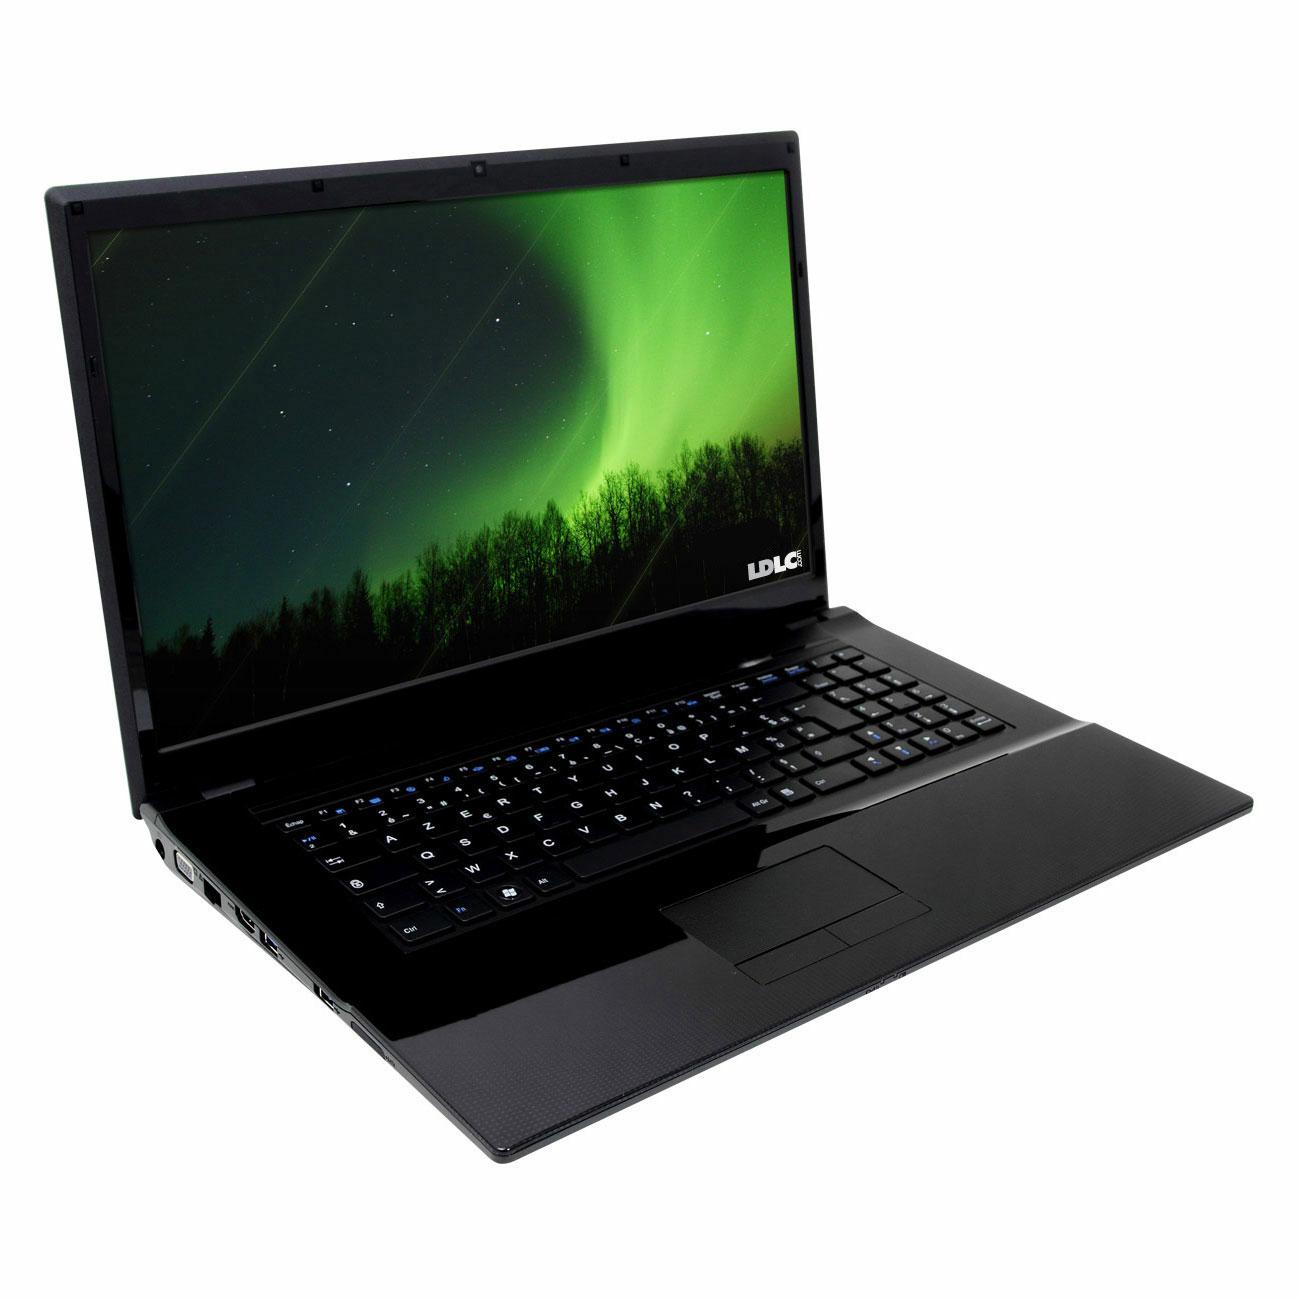 """PC Portable LDLC Aurore - Intel Core i3, 4 Go RAM, 17.3""""... Sans OS (Deux autres PC en promotion, voir description)"""